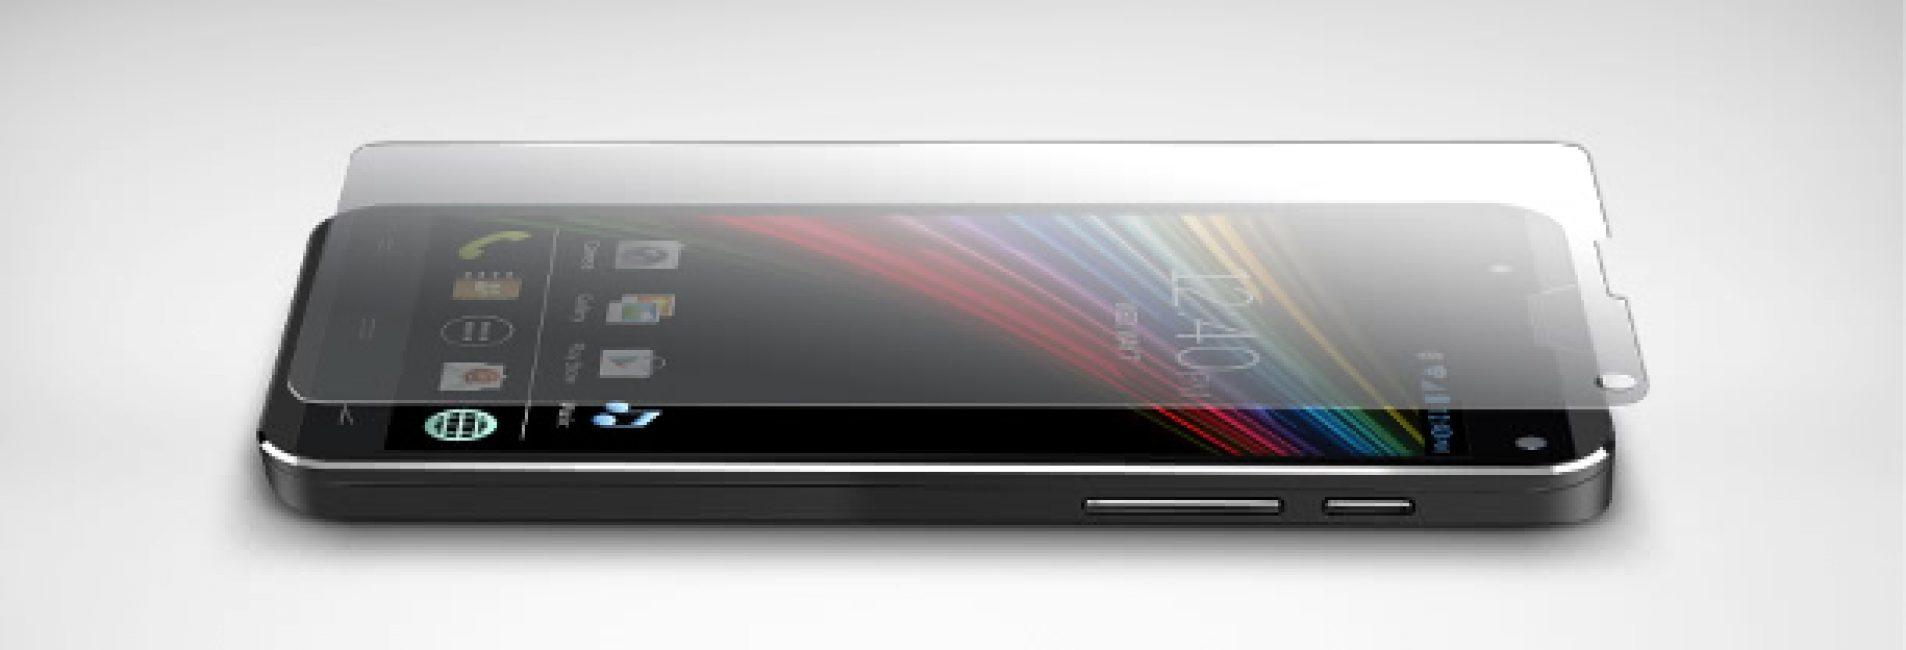 Использование защитного стекла аналогов Gorilla Glass для смартфонов